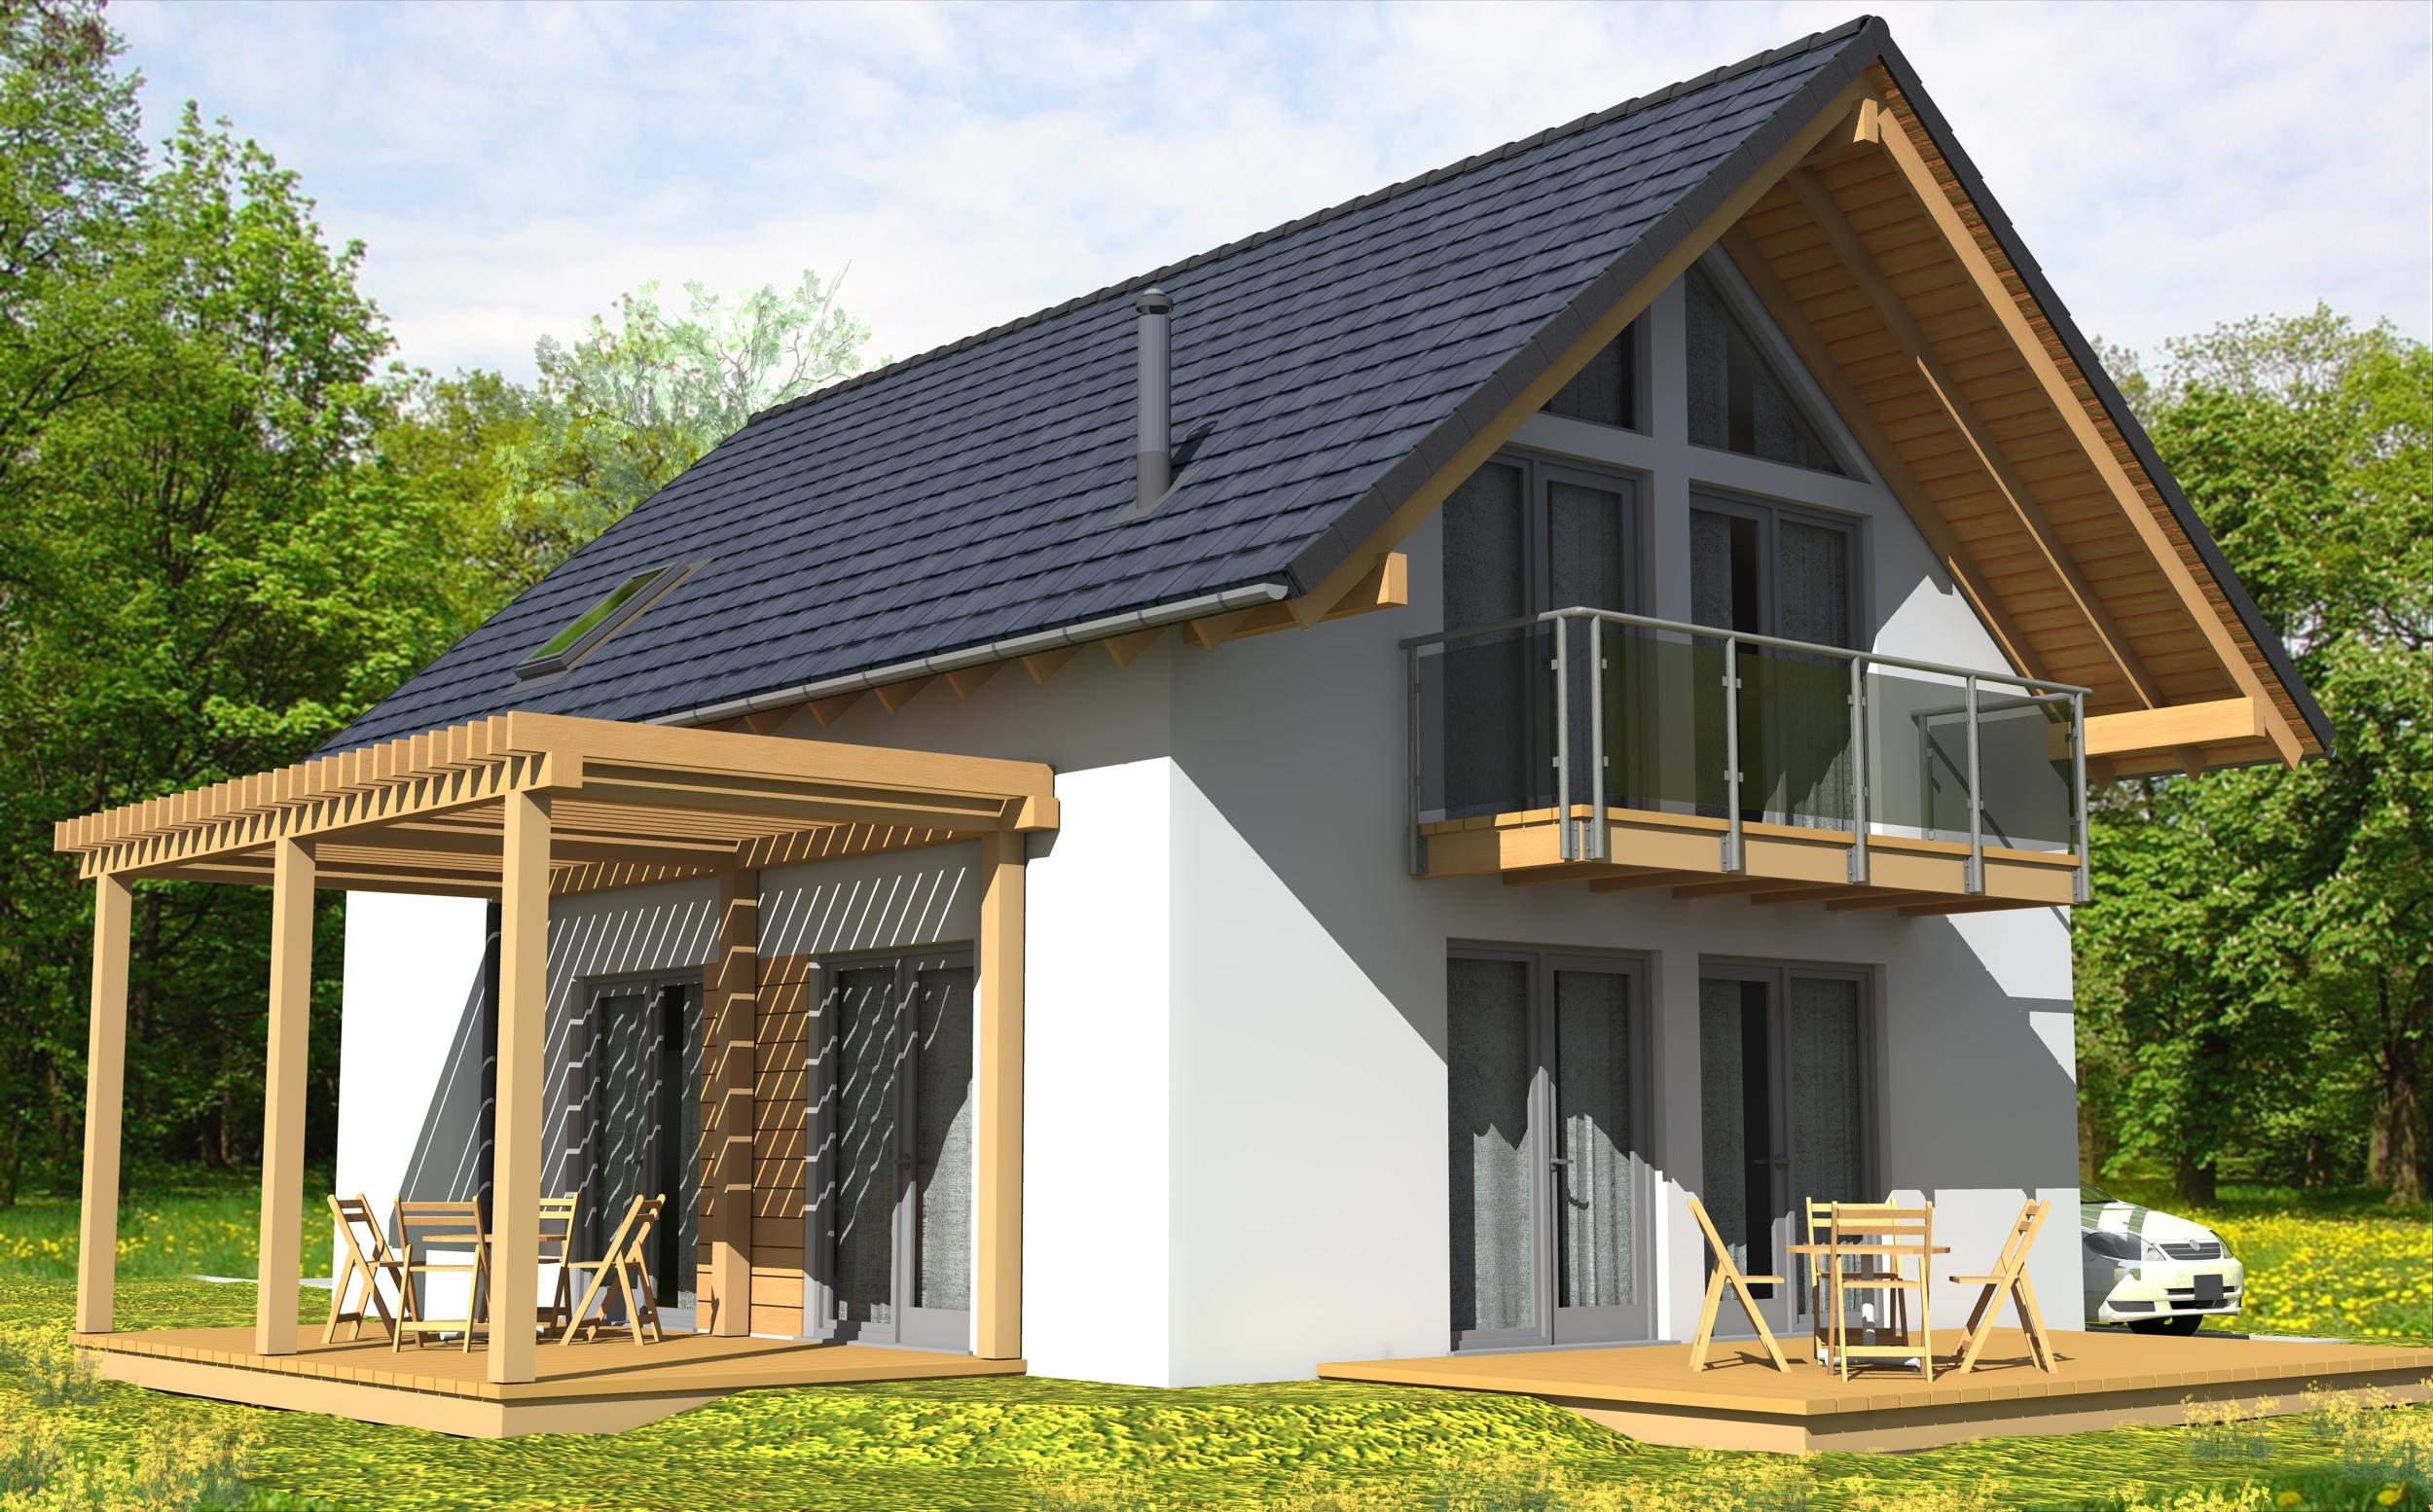 BAT Średni  - drewniany dom o powierzchni 103,8 m2